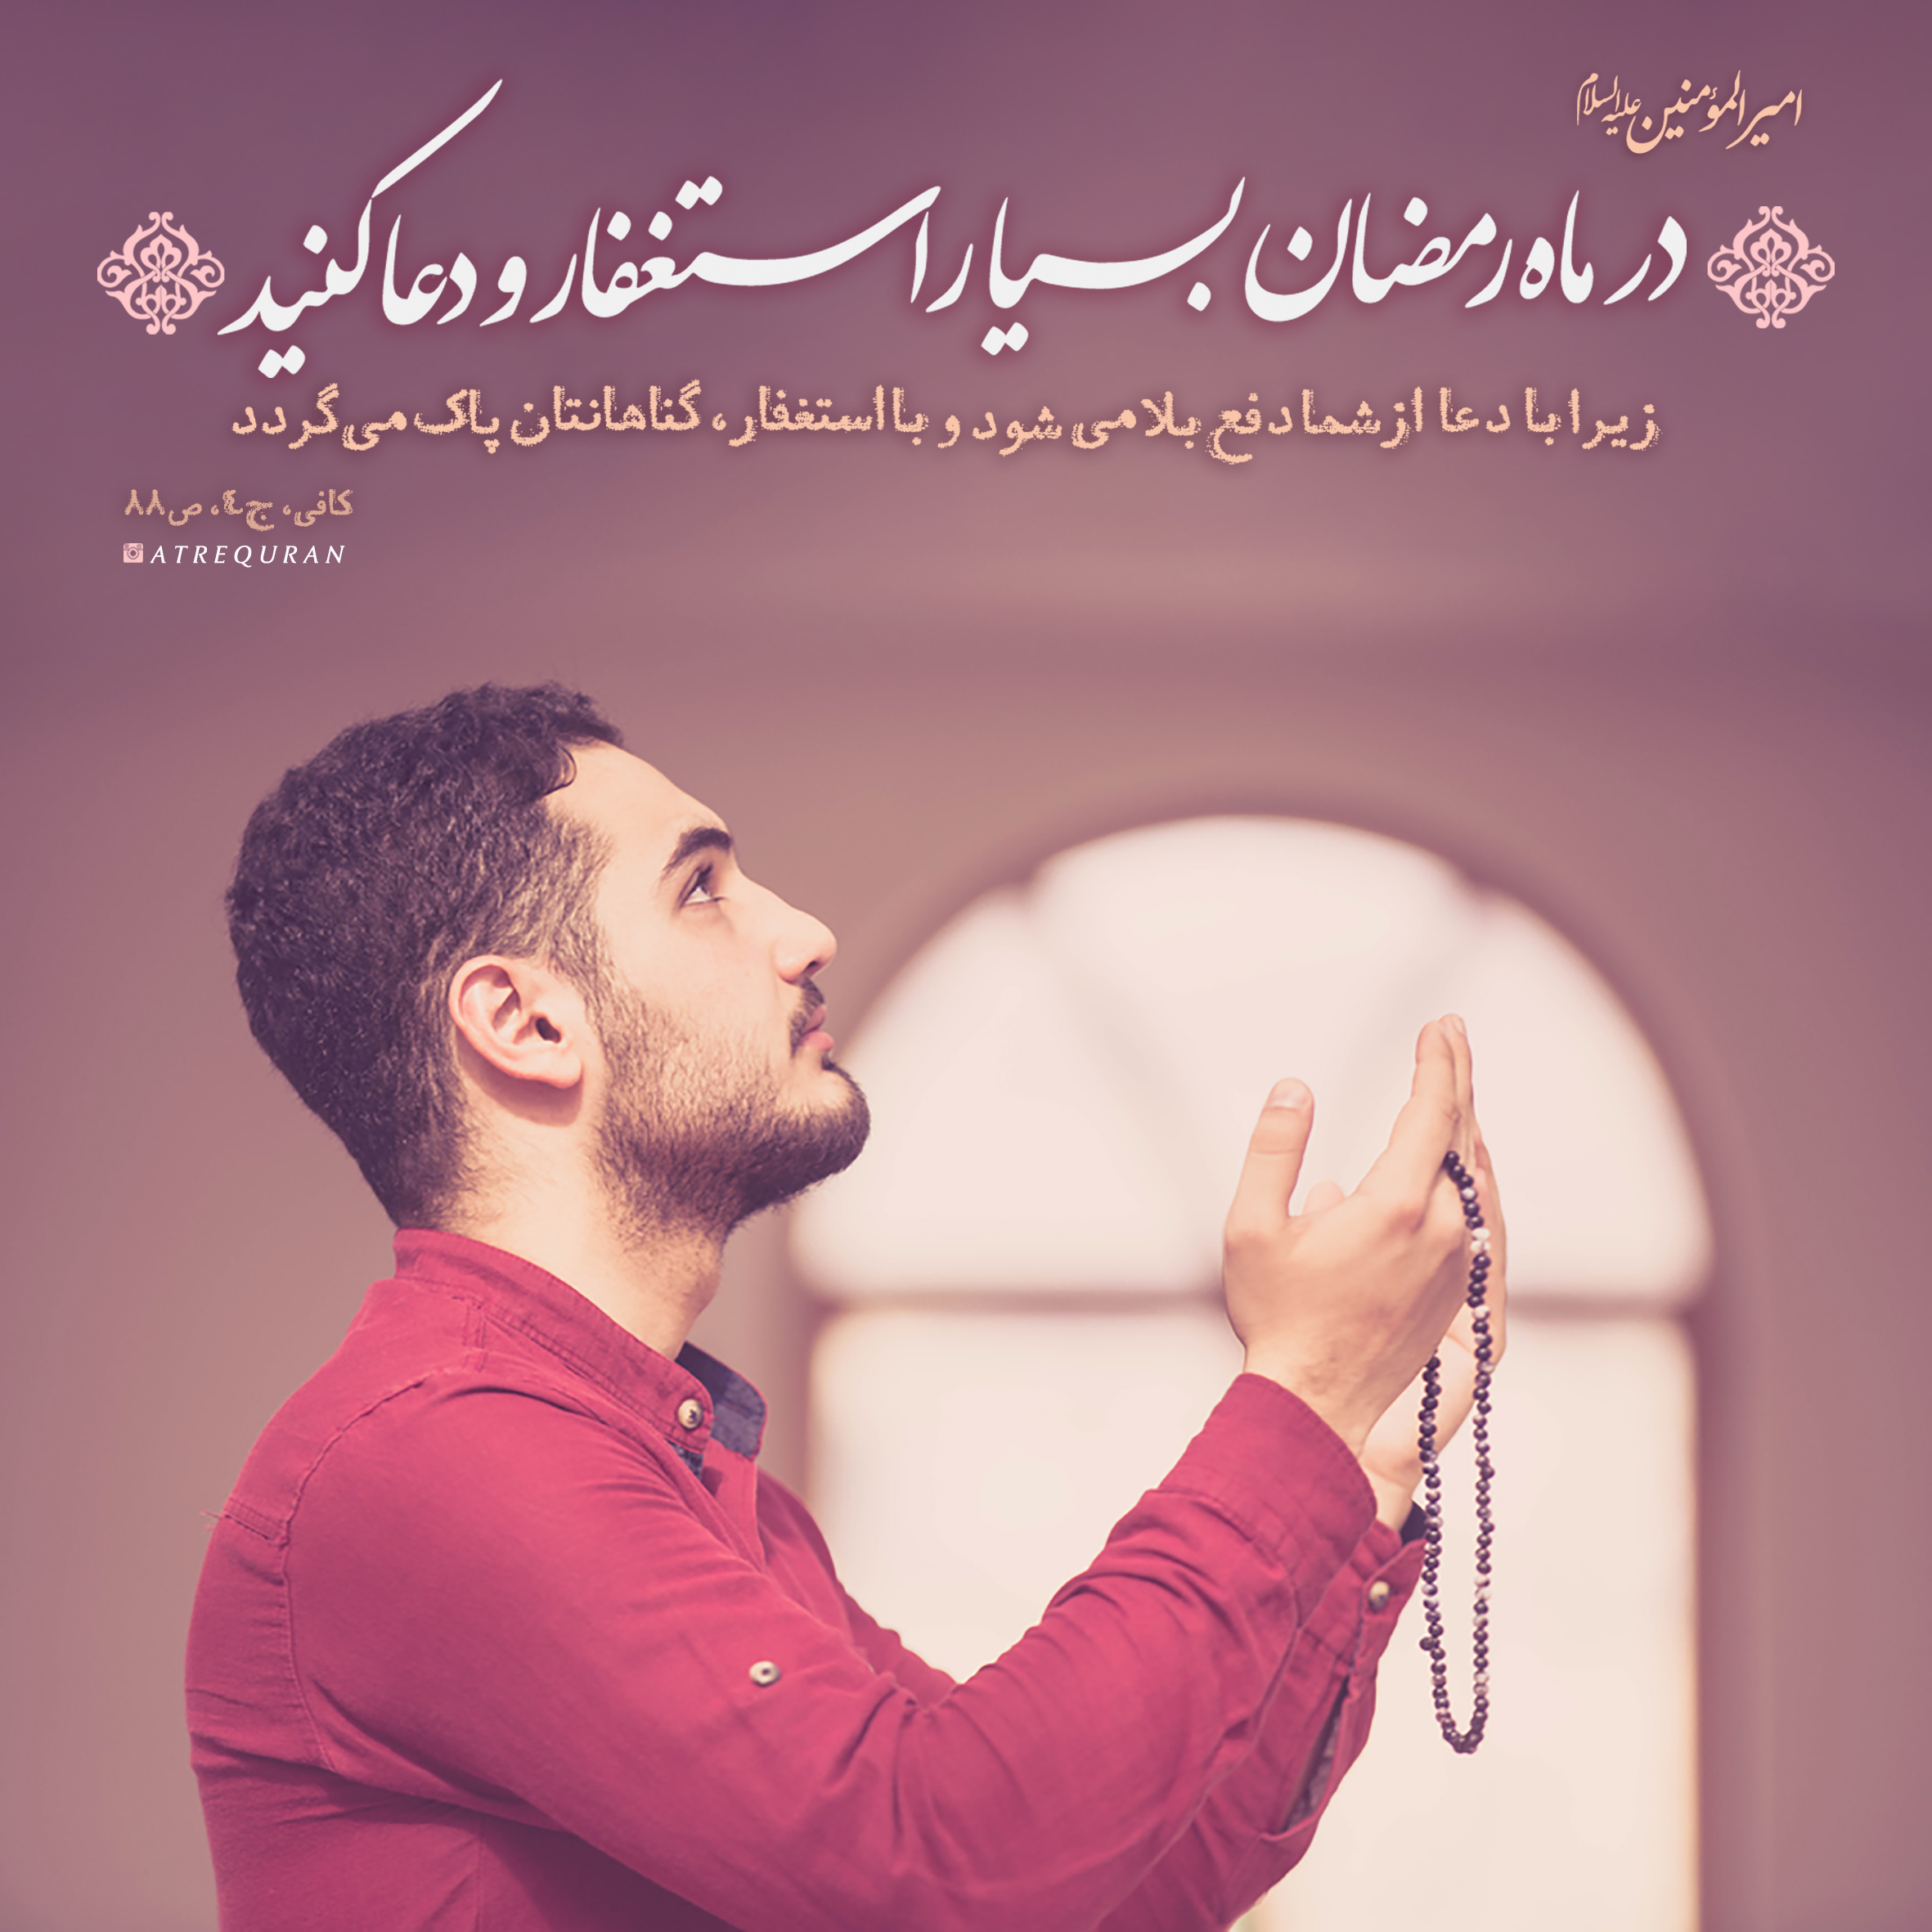 استغفار و دعای زیاد در ماه مبارک رمضان